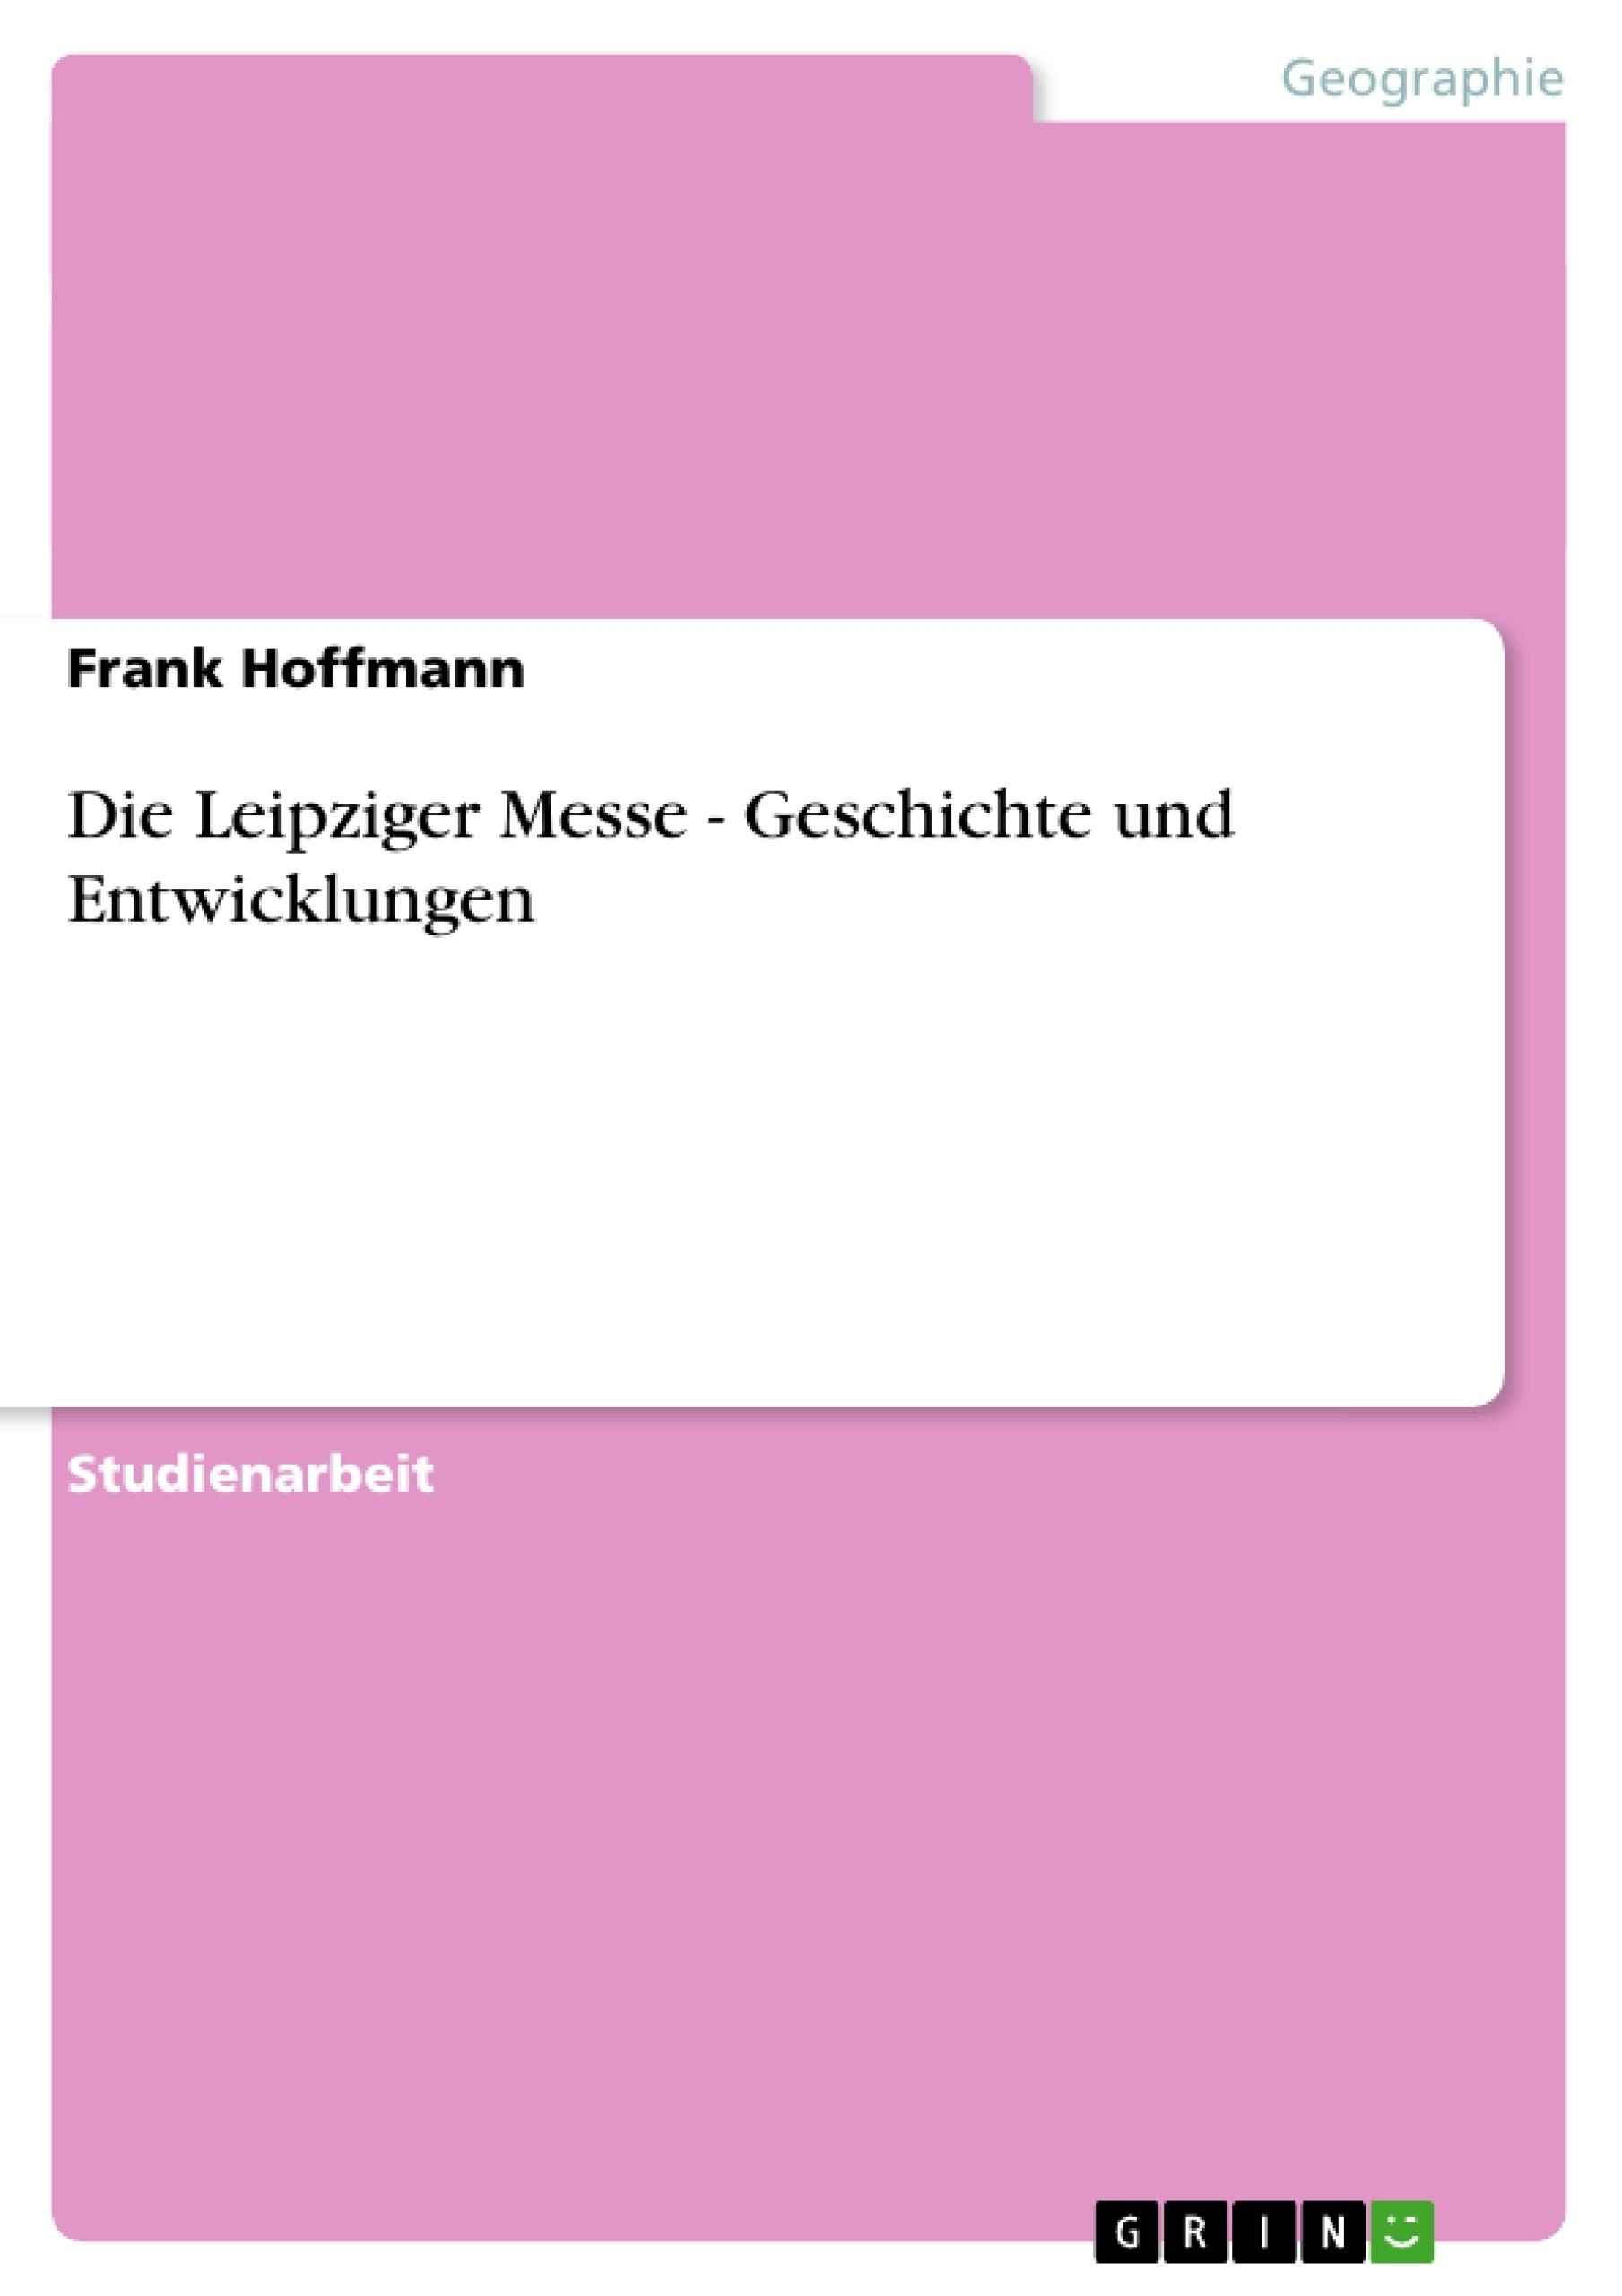 Titel: Die Leipziger Messe - Geschichte und Entwicklungen